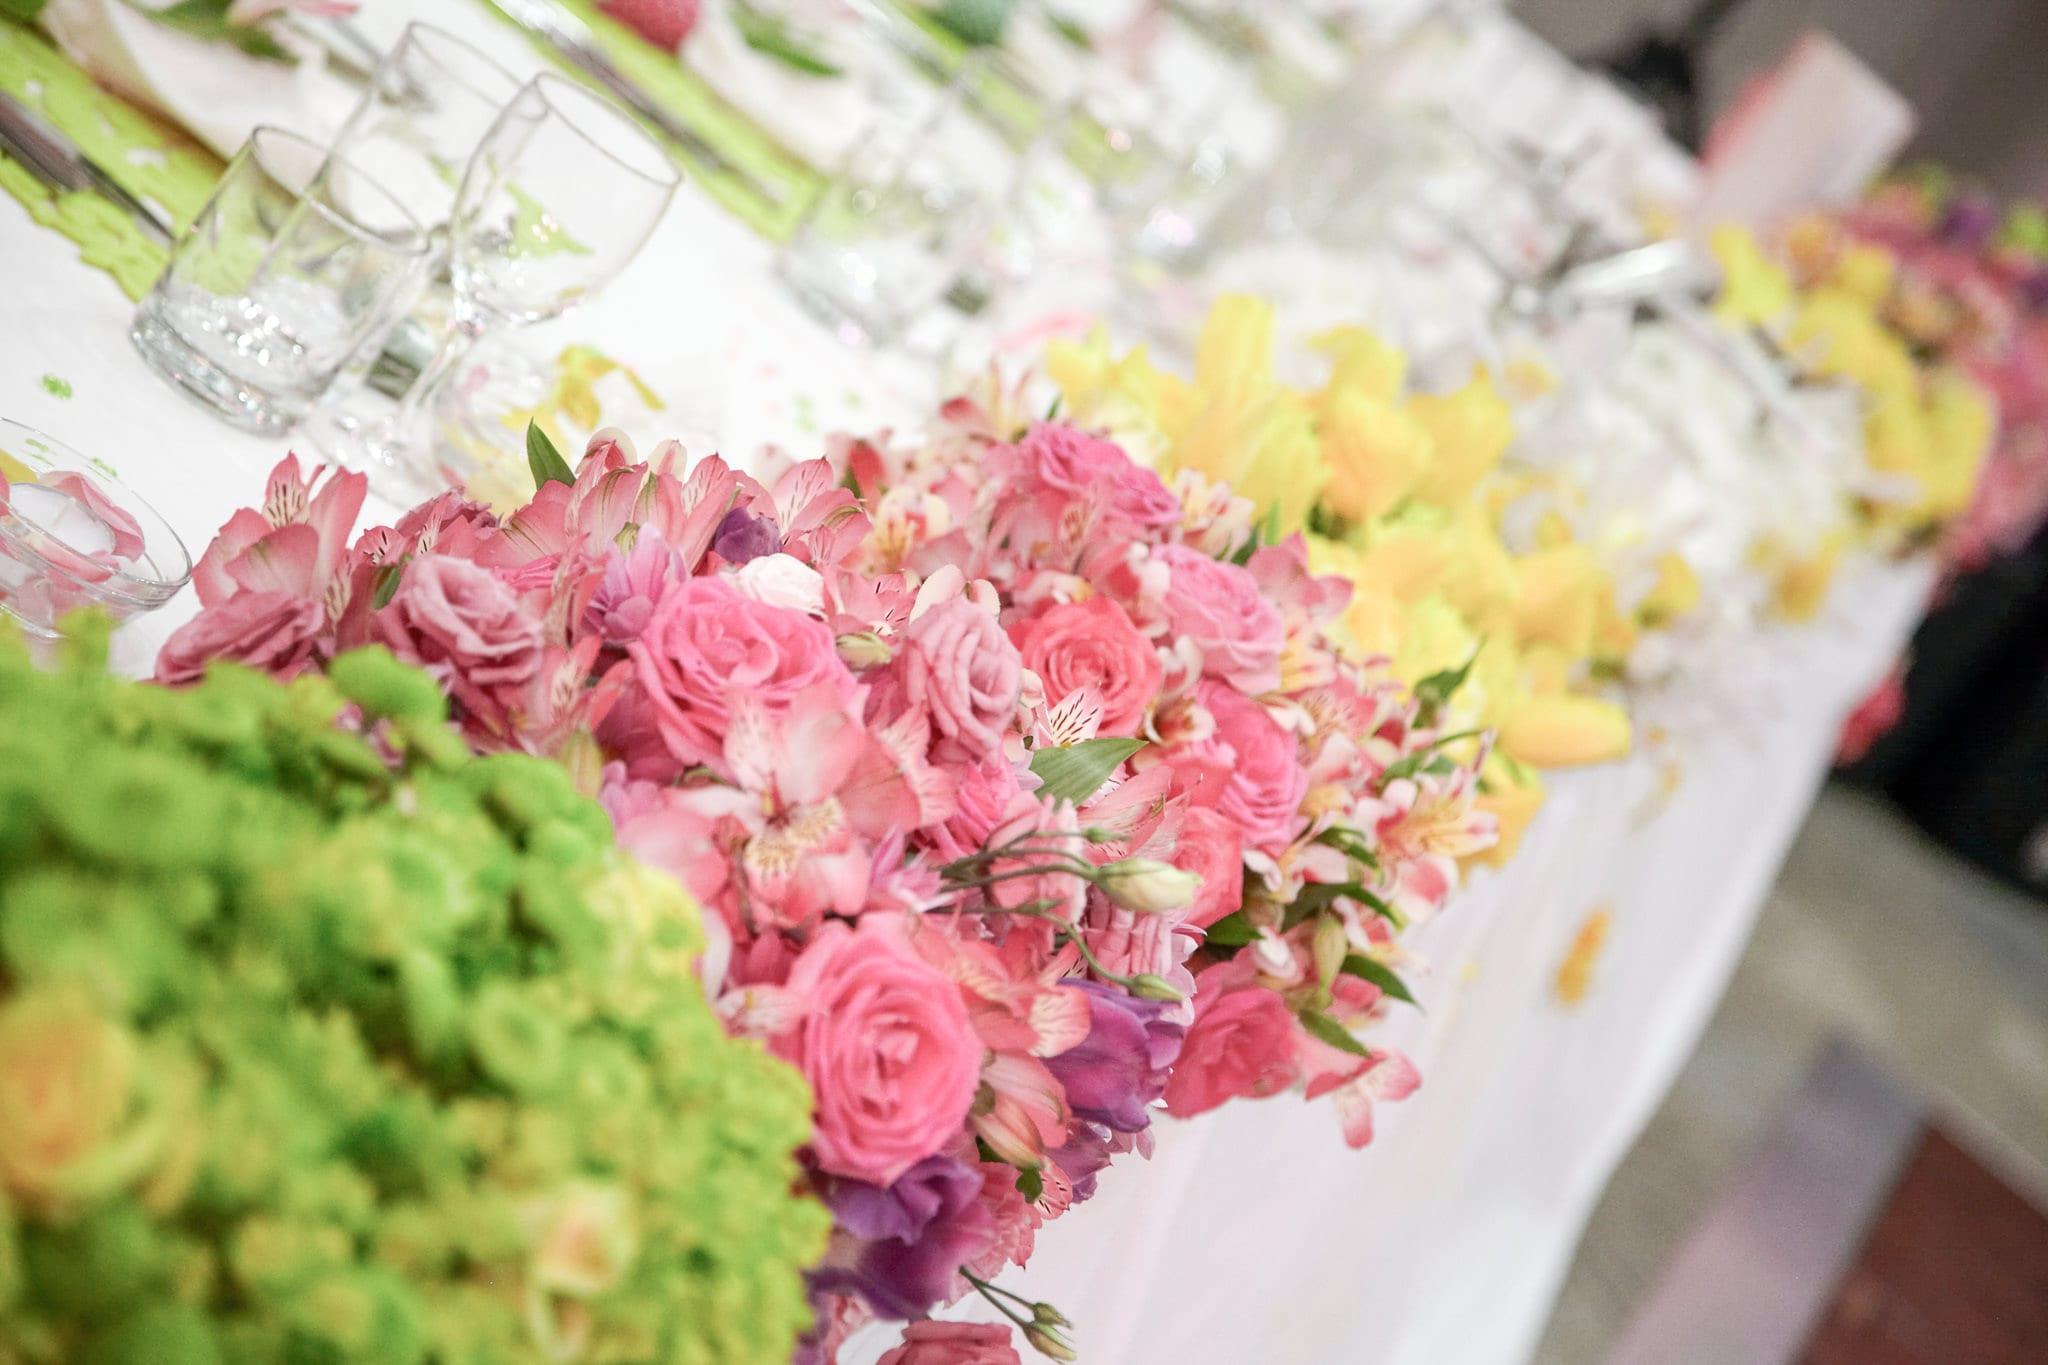 декорация на официална сватбена маса, пищна сватбена украса на младоженската маса, декорация на сватбена агенция Приказен ден, сватбен агент Мариела Уилсън